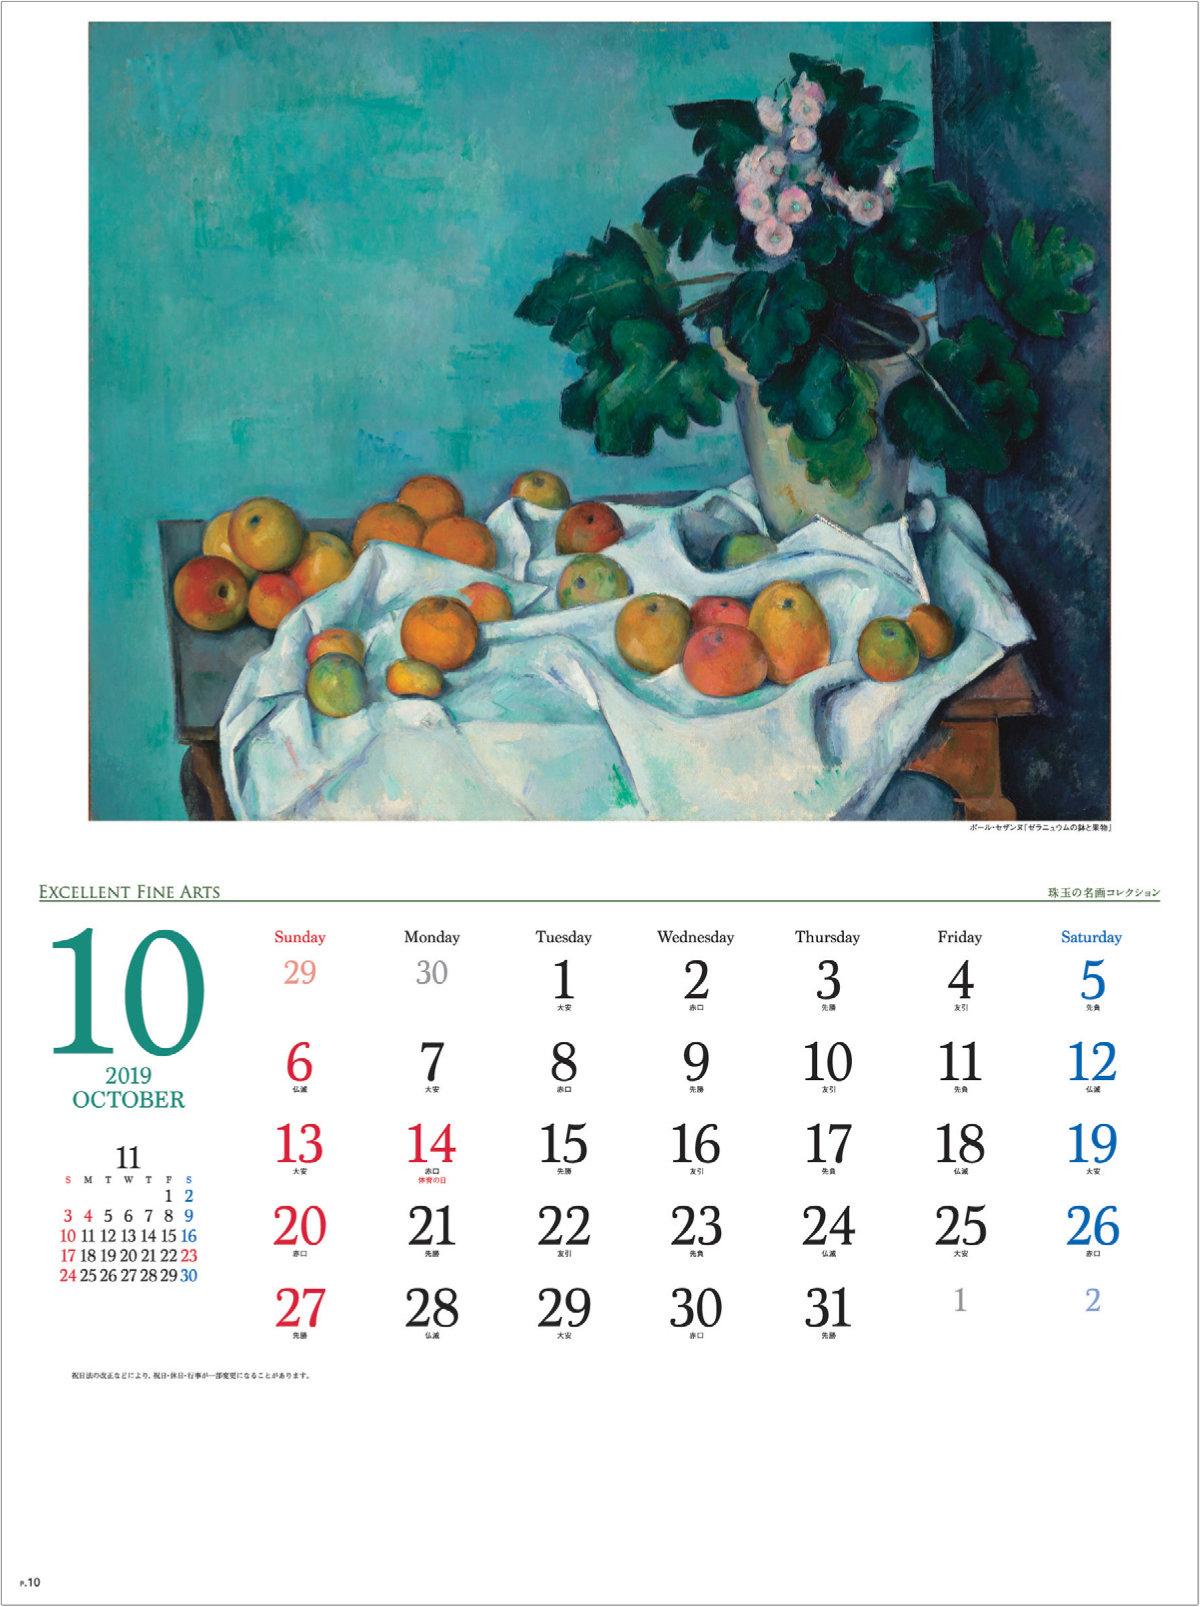 画像:ポール・セザンヌ「ゼラニウムの鉢と果物」 珠玉の名画コレクション 2019年カレンダー